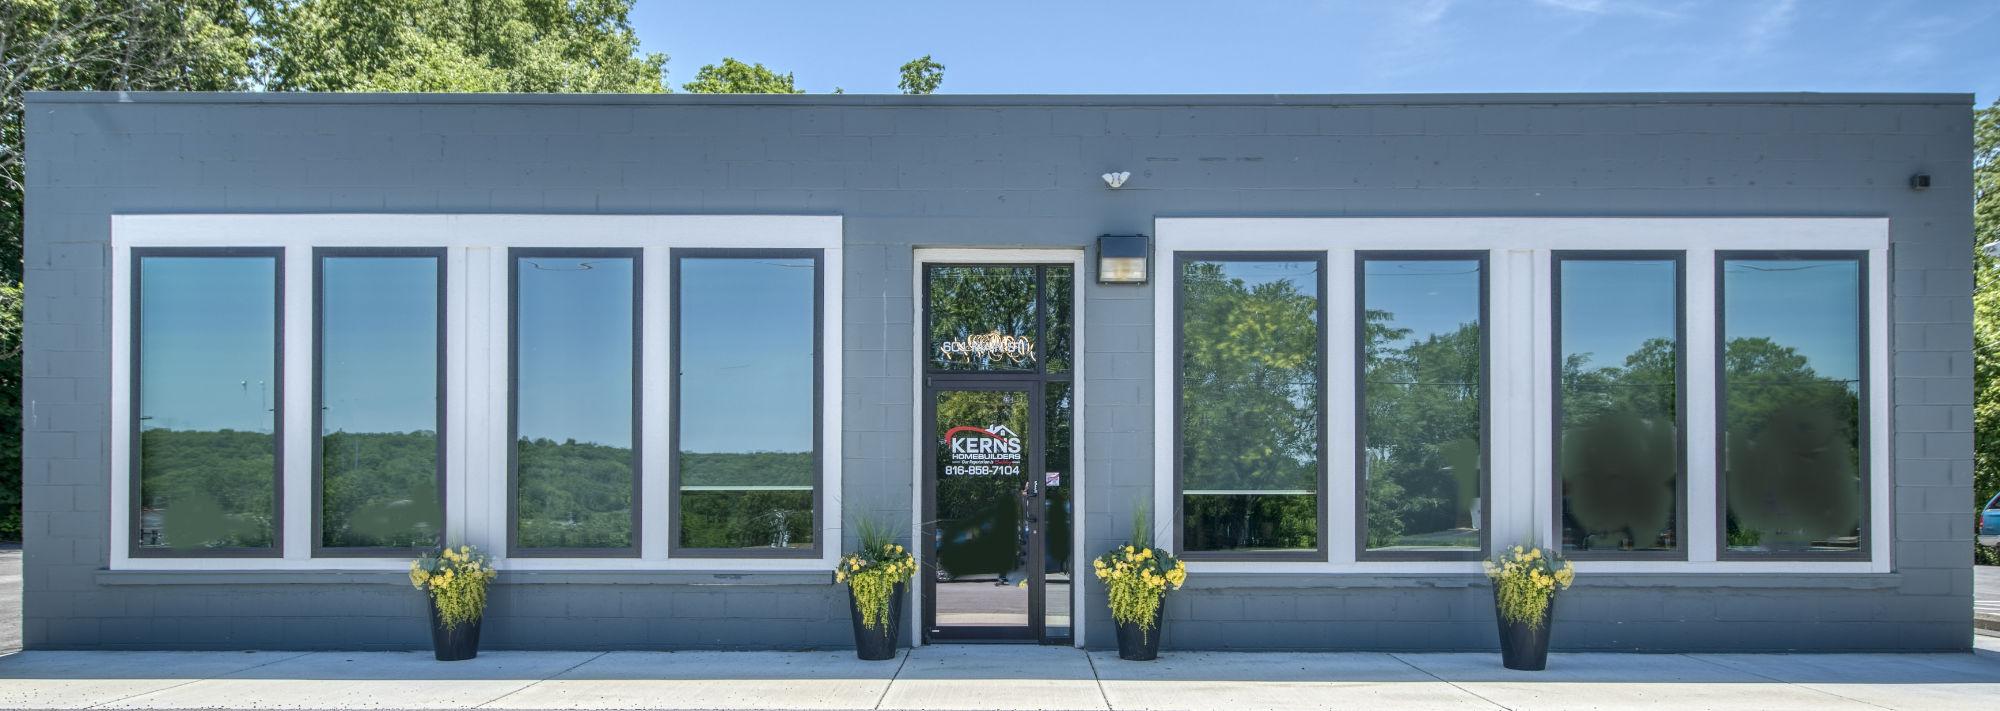 Gary Kerns Homebuilders home office in Platte City